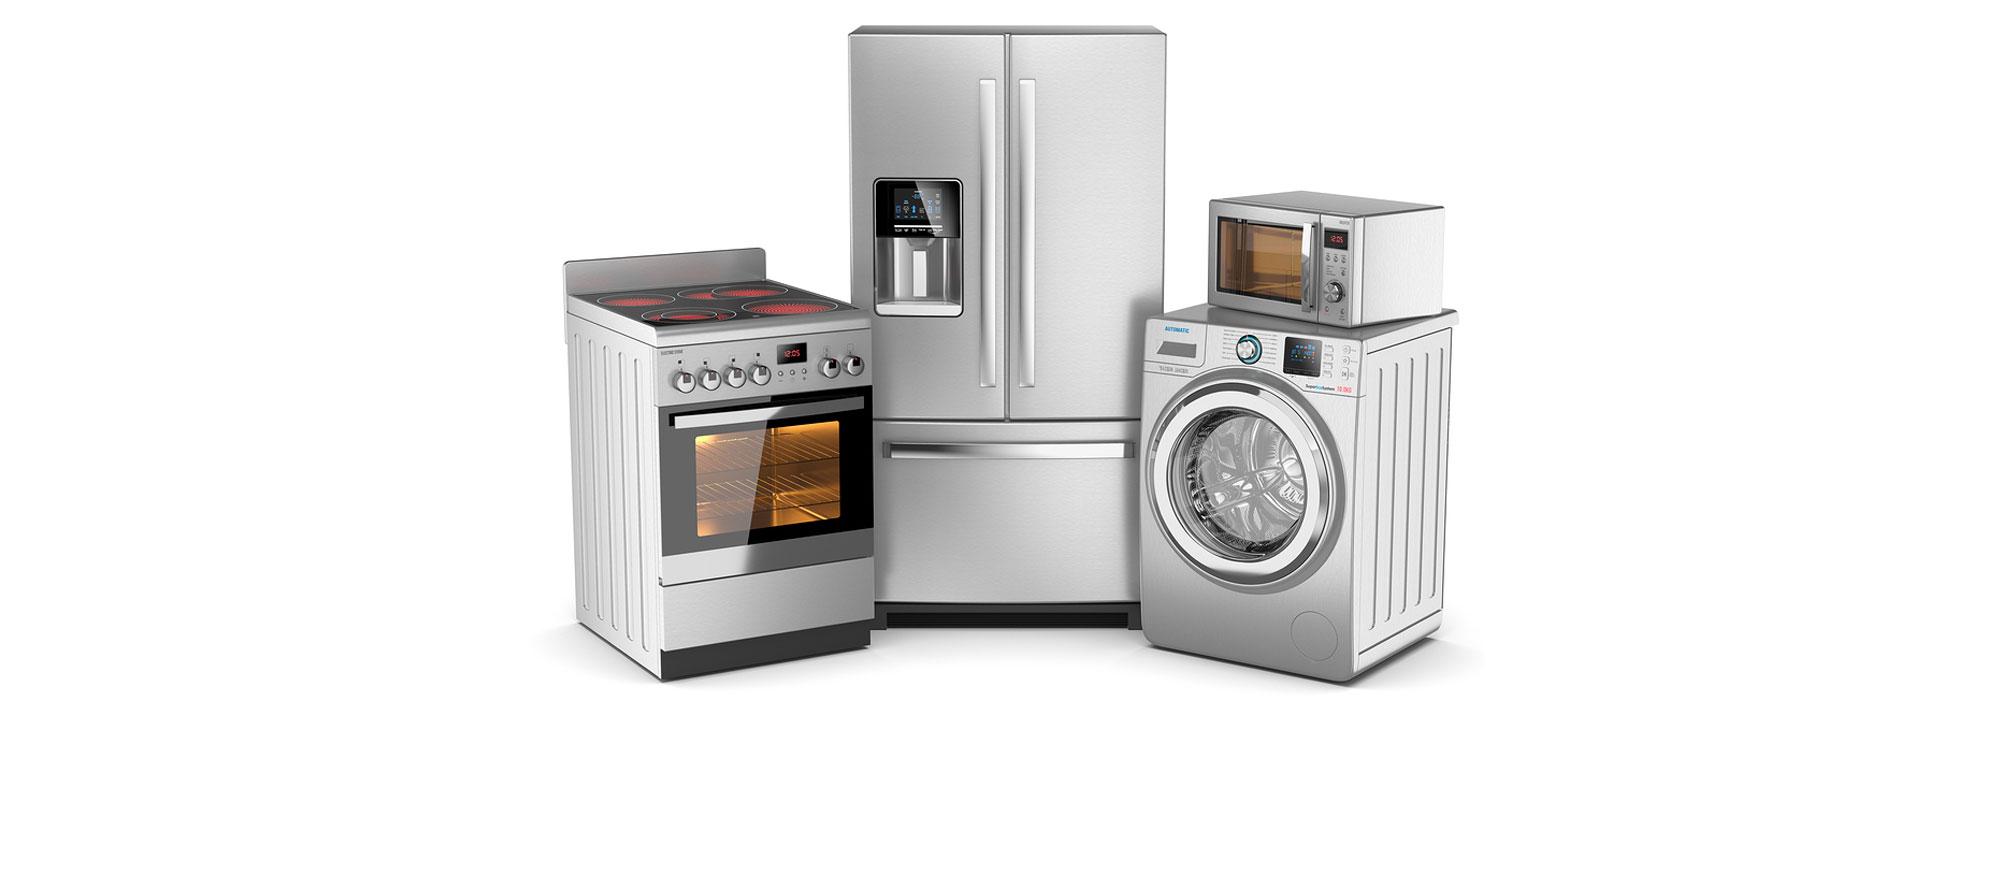 Dryer Repair Service : Appliance services refrigerator repair washer dryer